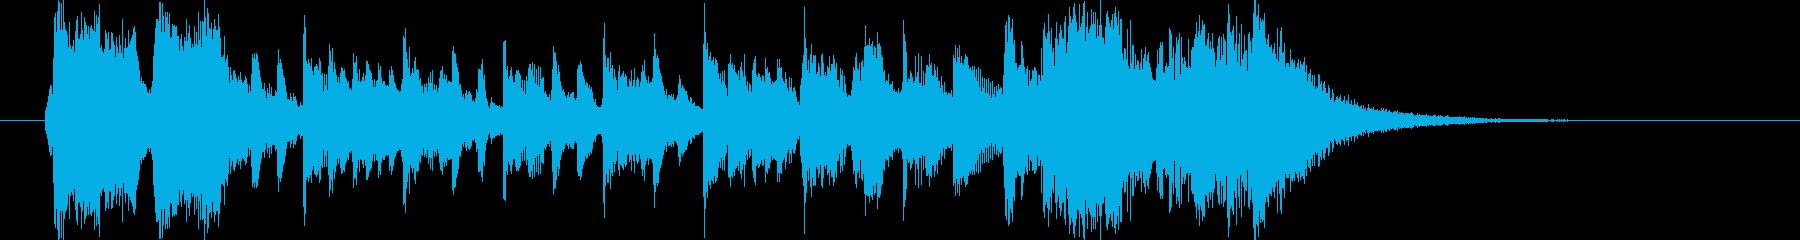 盛大でファンタジーなシンセピアノサウンドの再生済みの波形